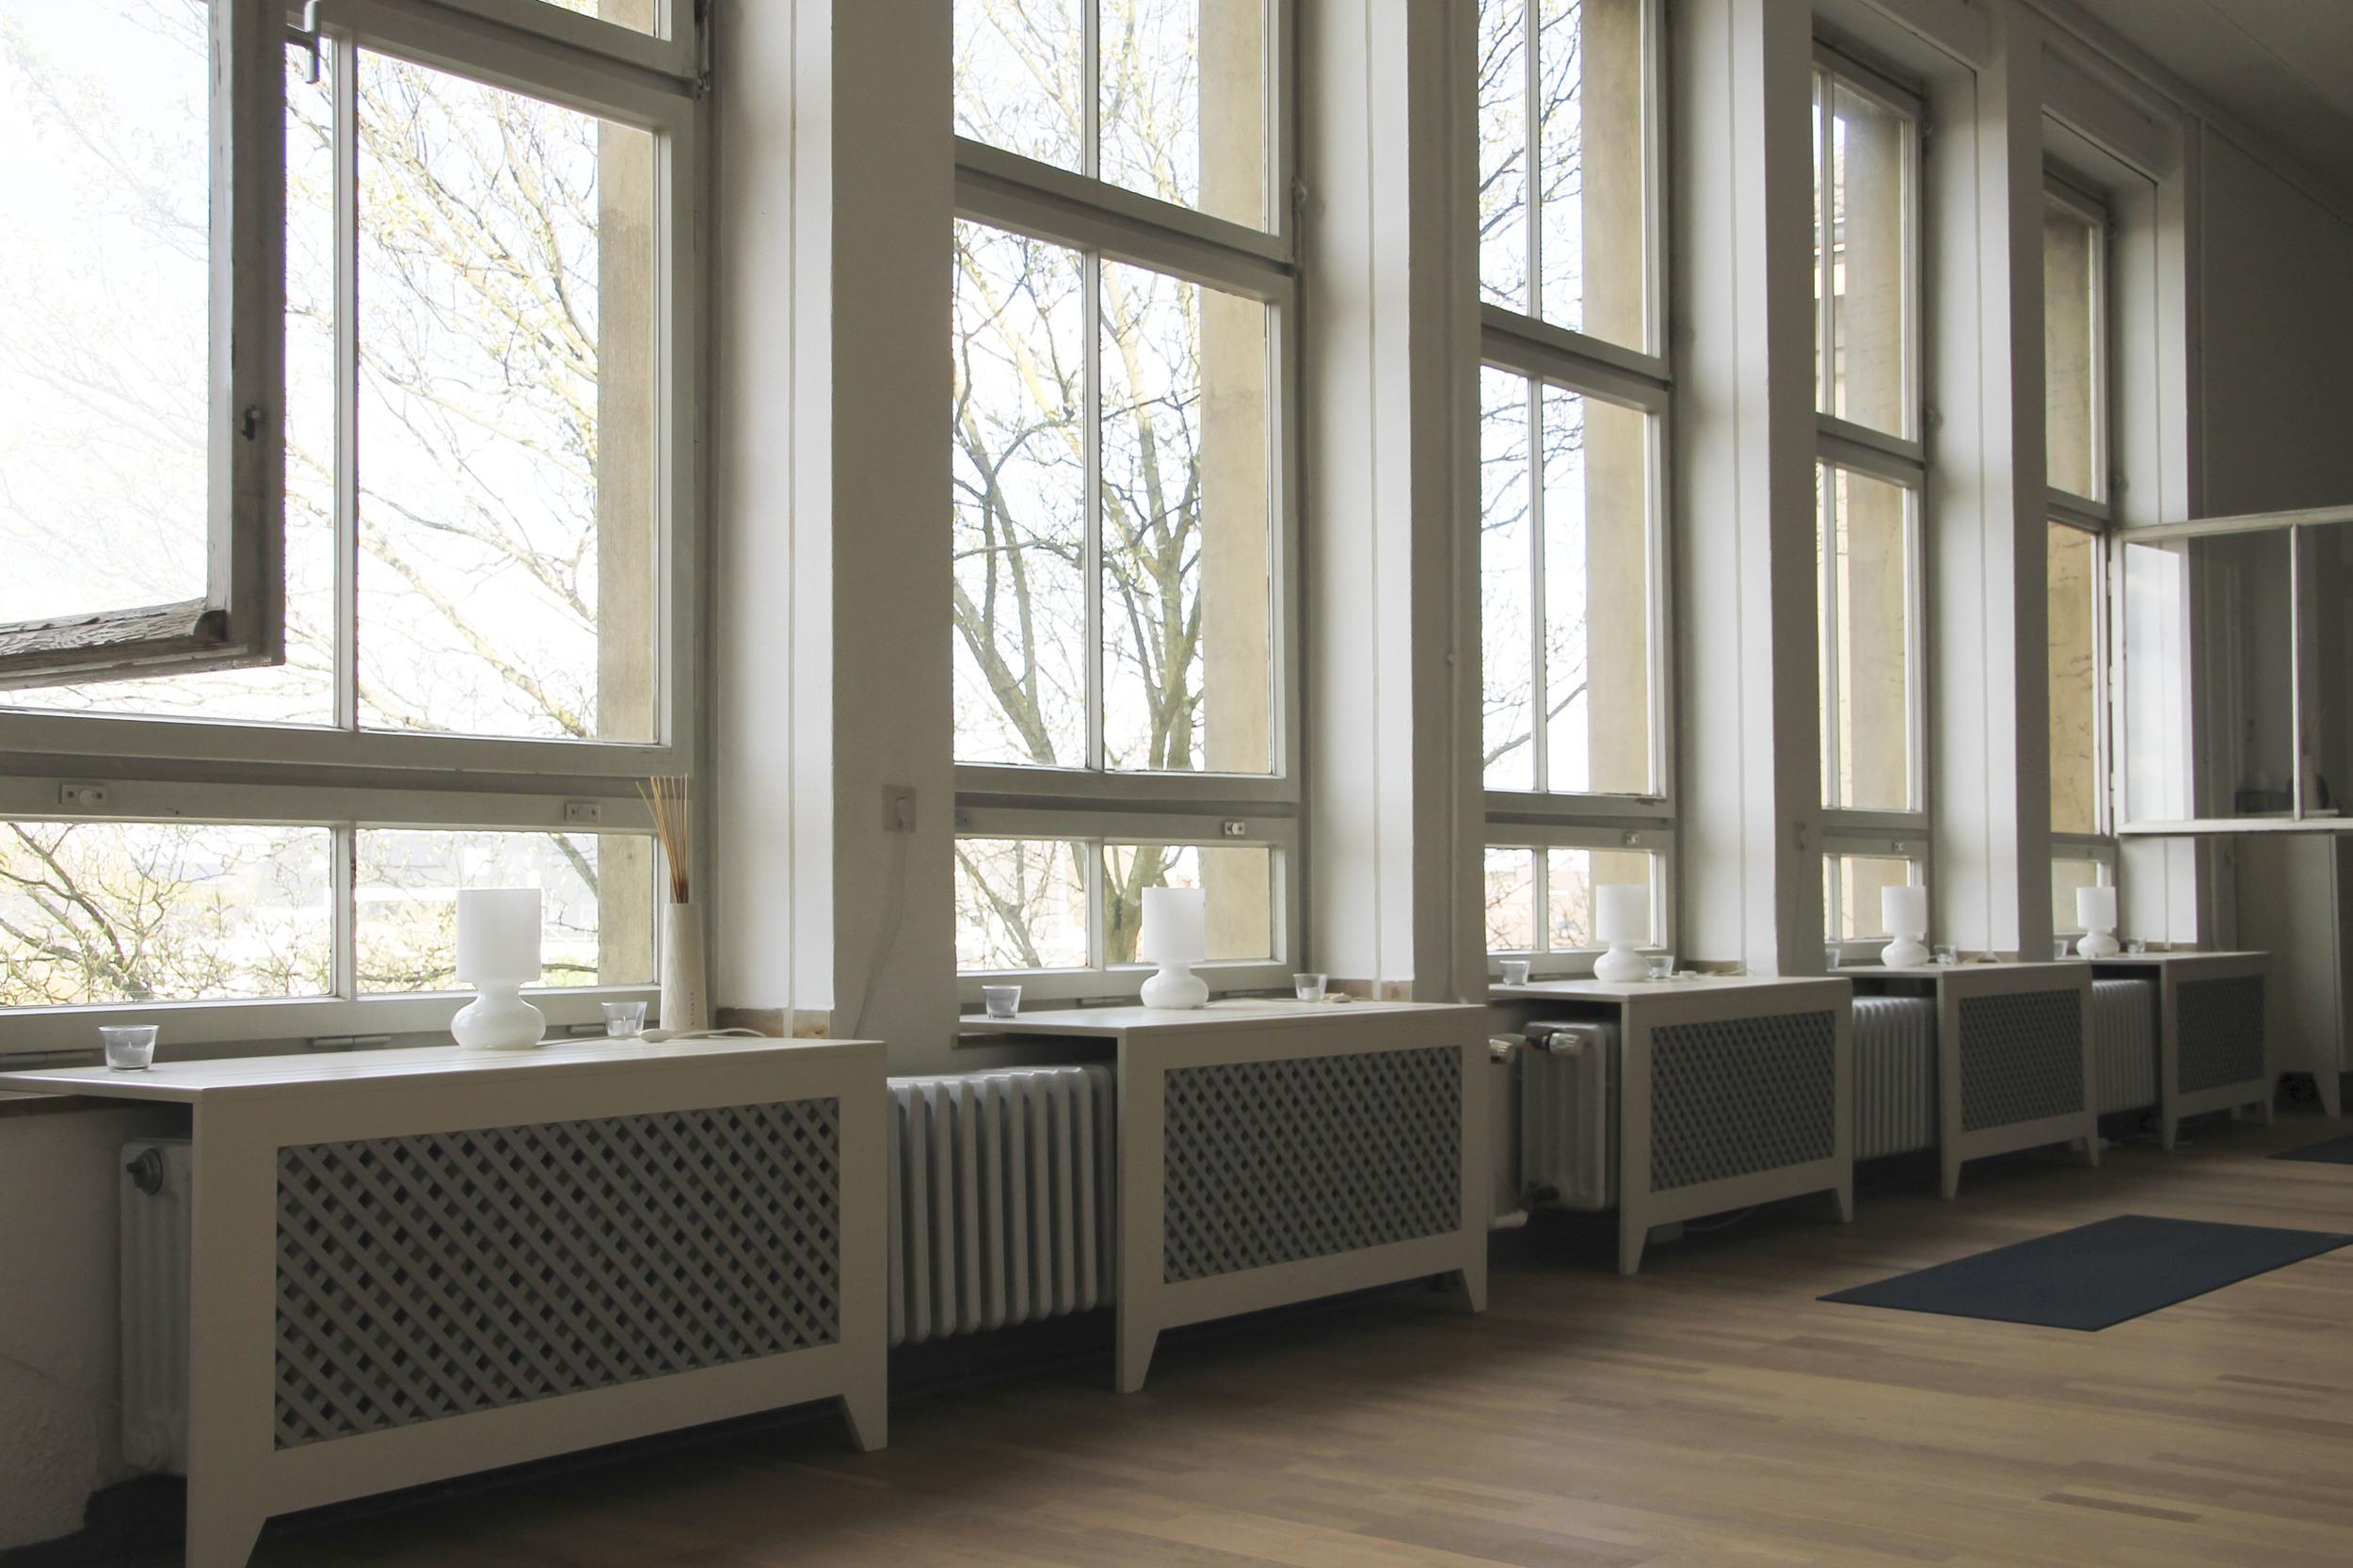 Yogakitchen Yoga Studio Oberkassel Düsseldorf4207.jpg